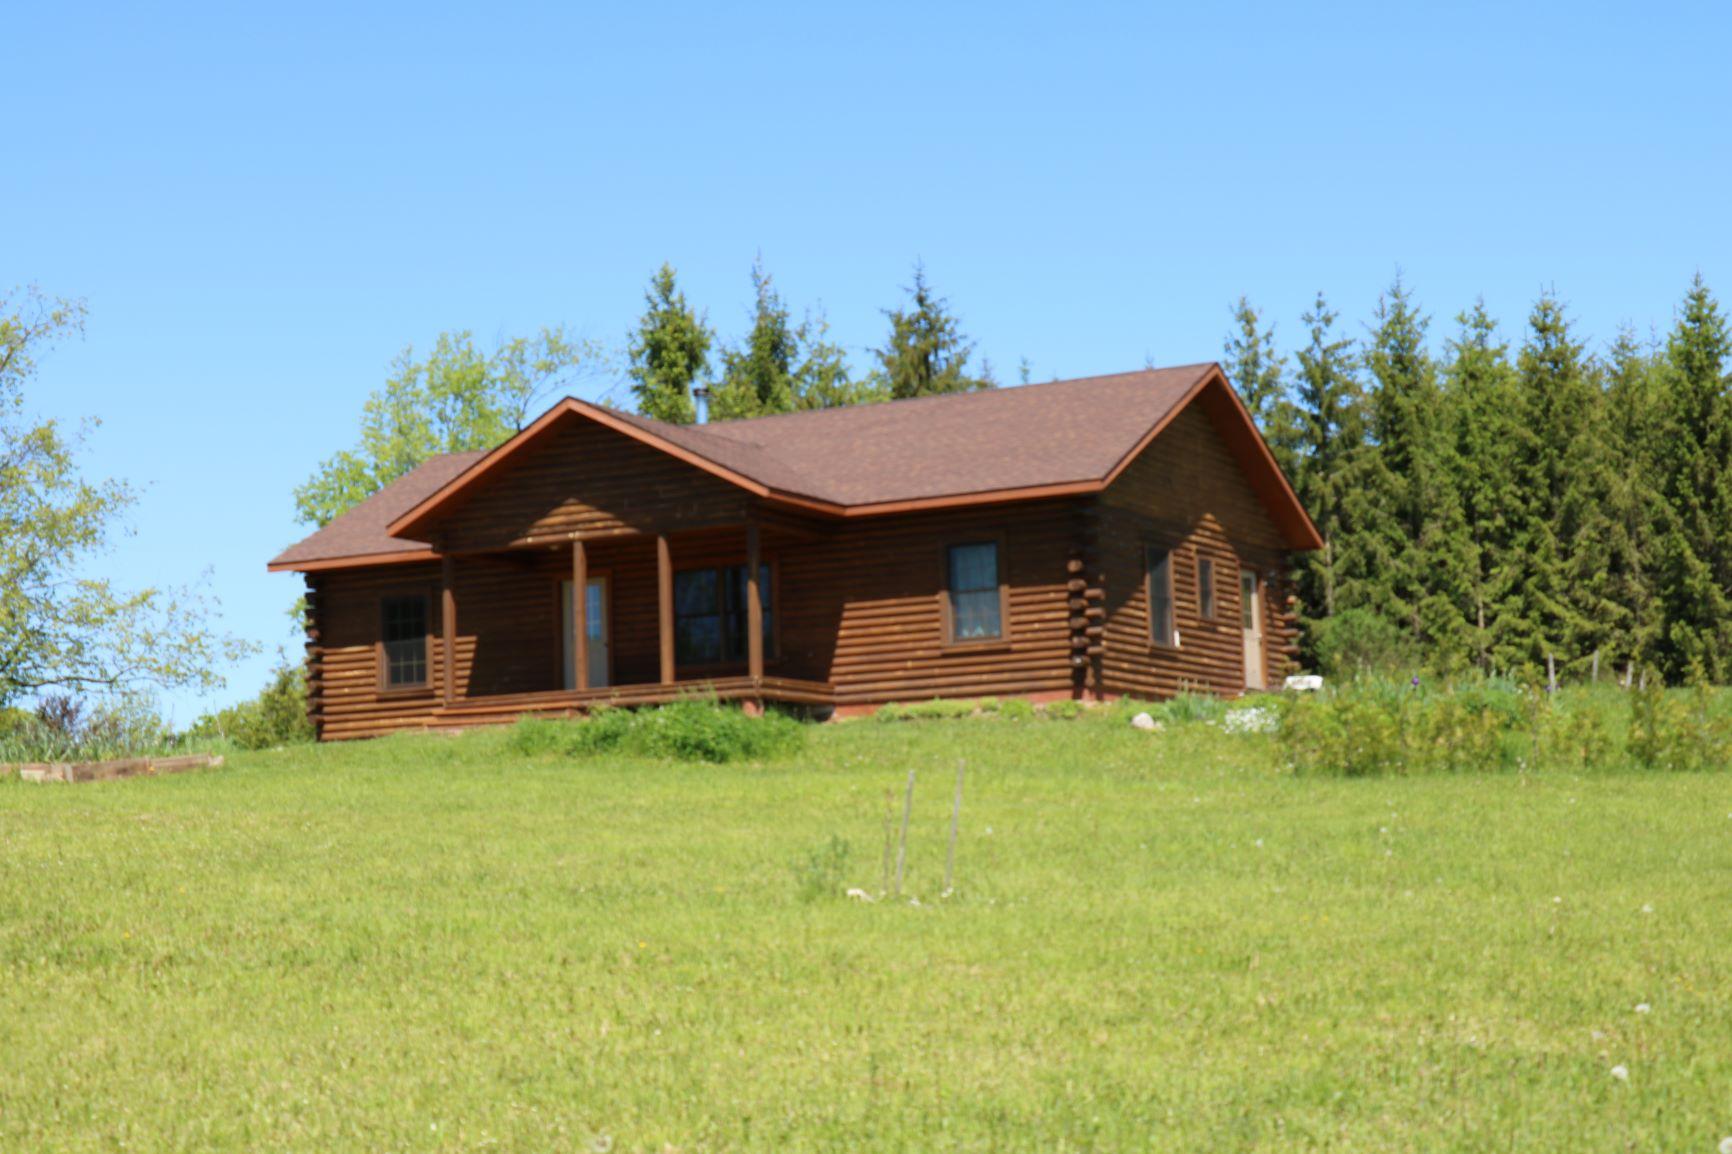 Southern Yellow Pine Log Home